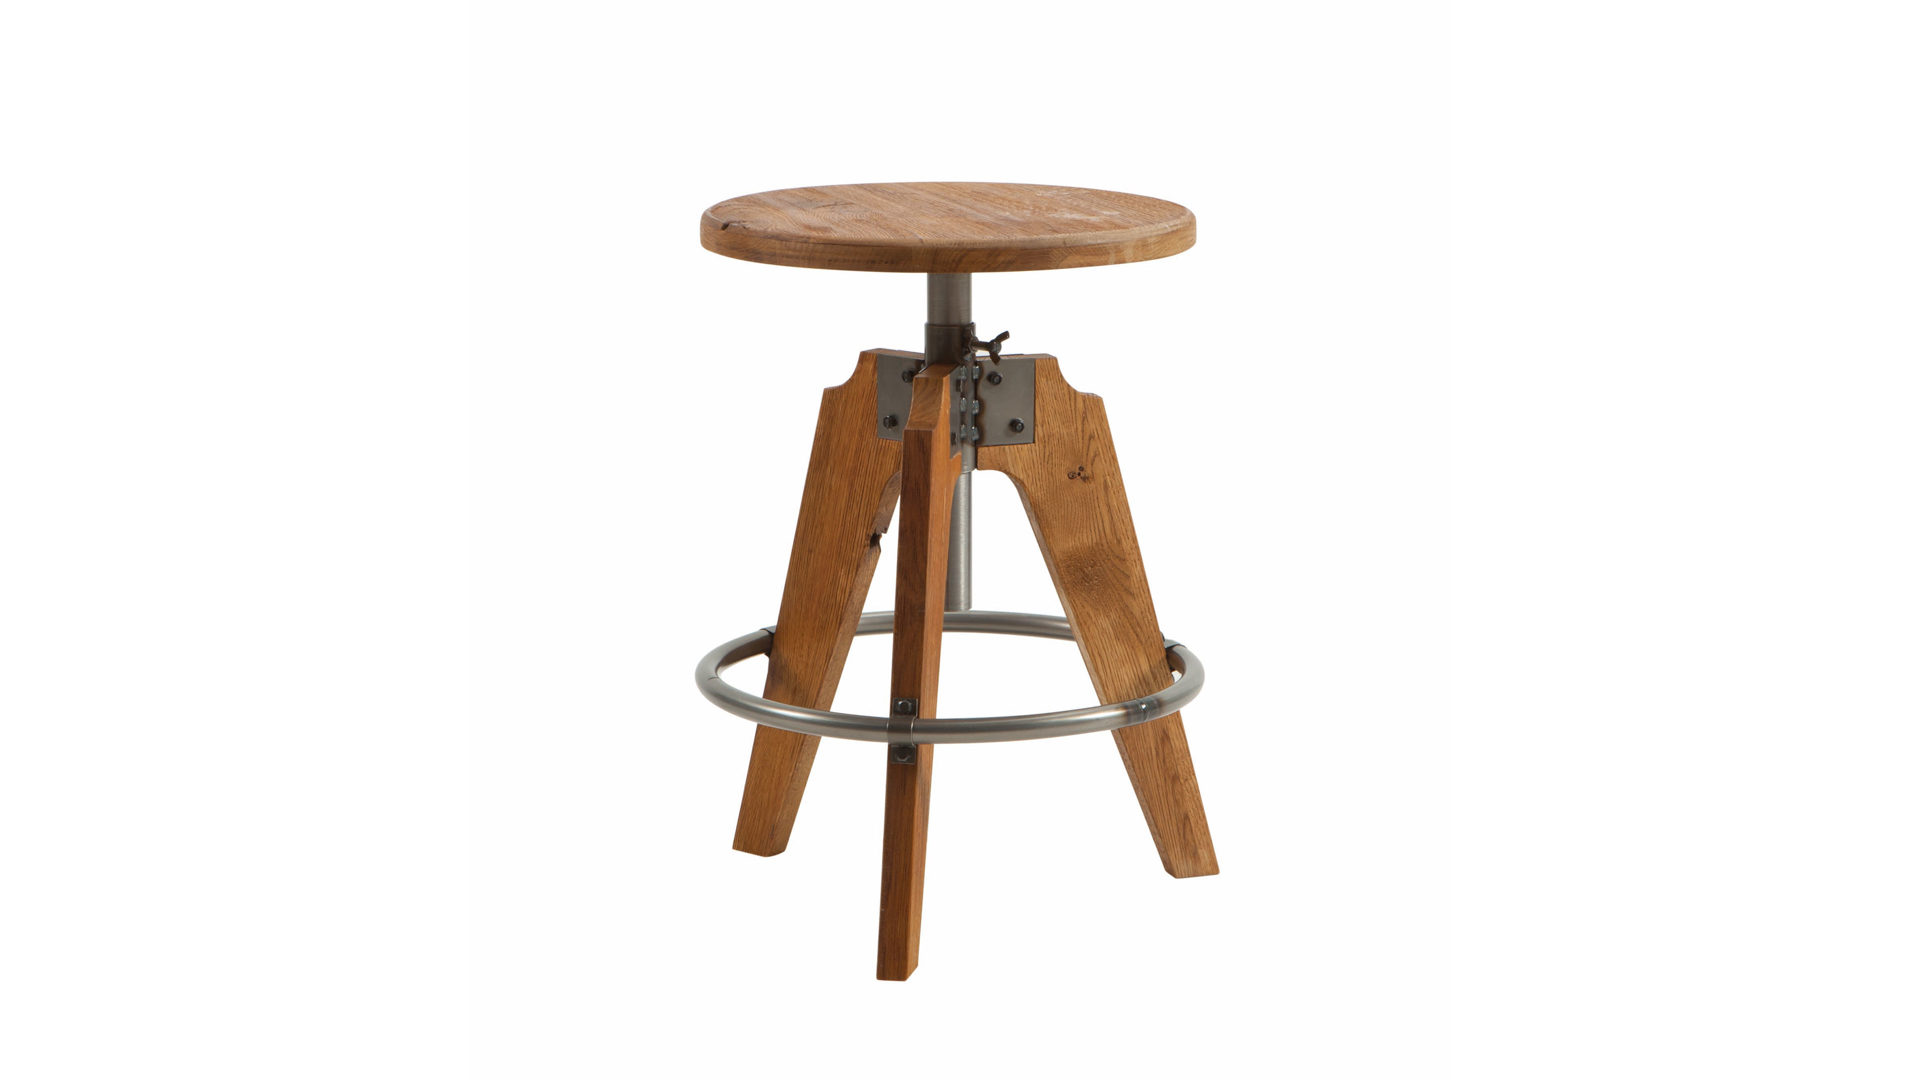 Ziemlich Küchenhocker Möbel Fotos - Küchenschrank Ideen - eastbound.info